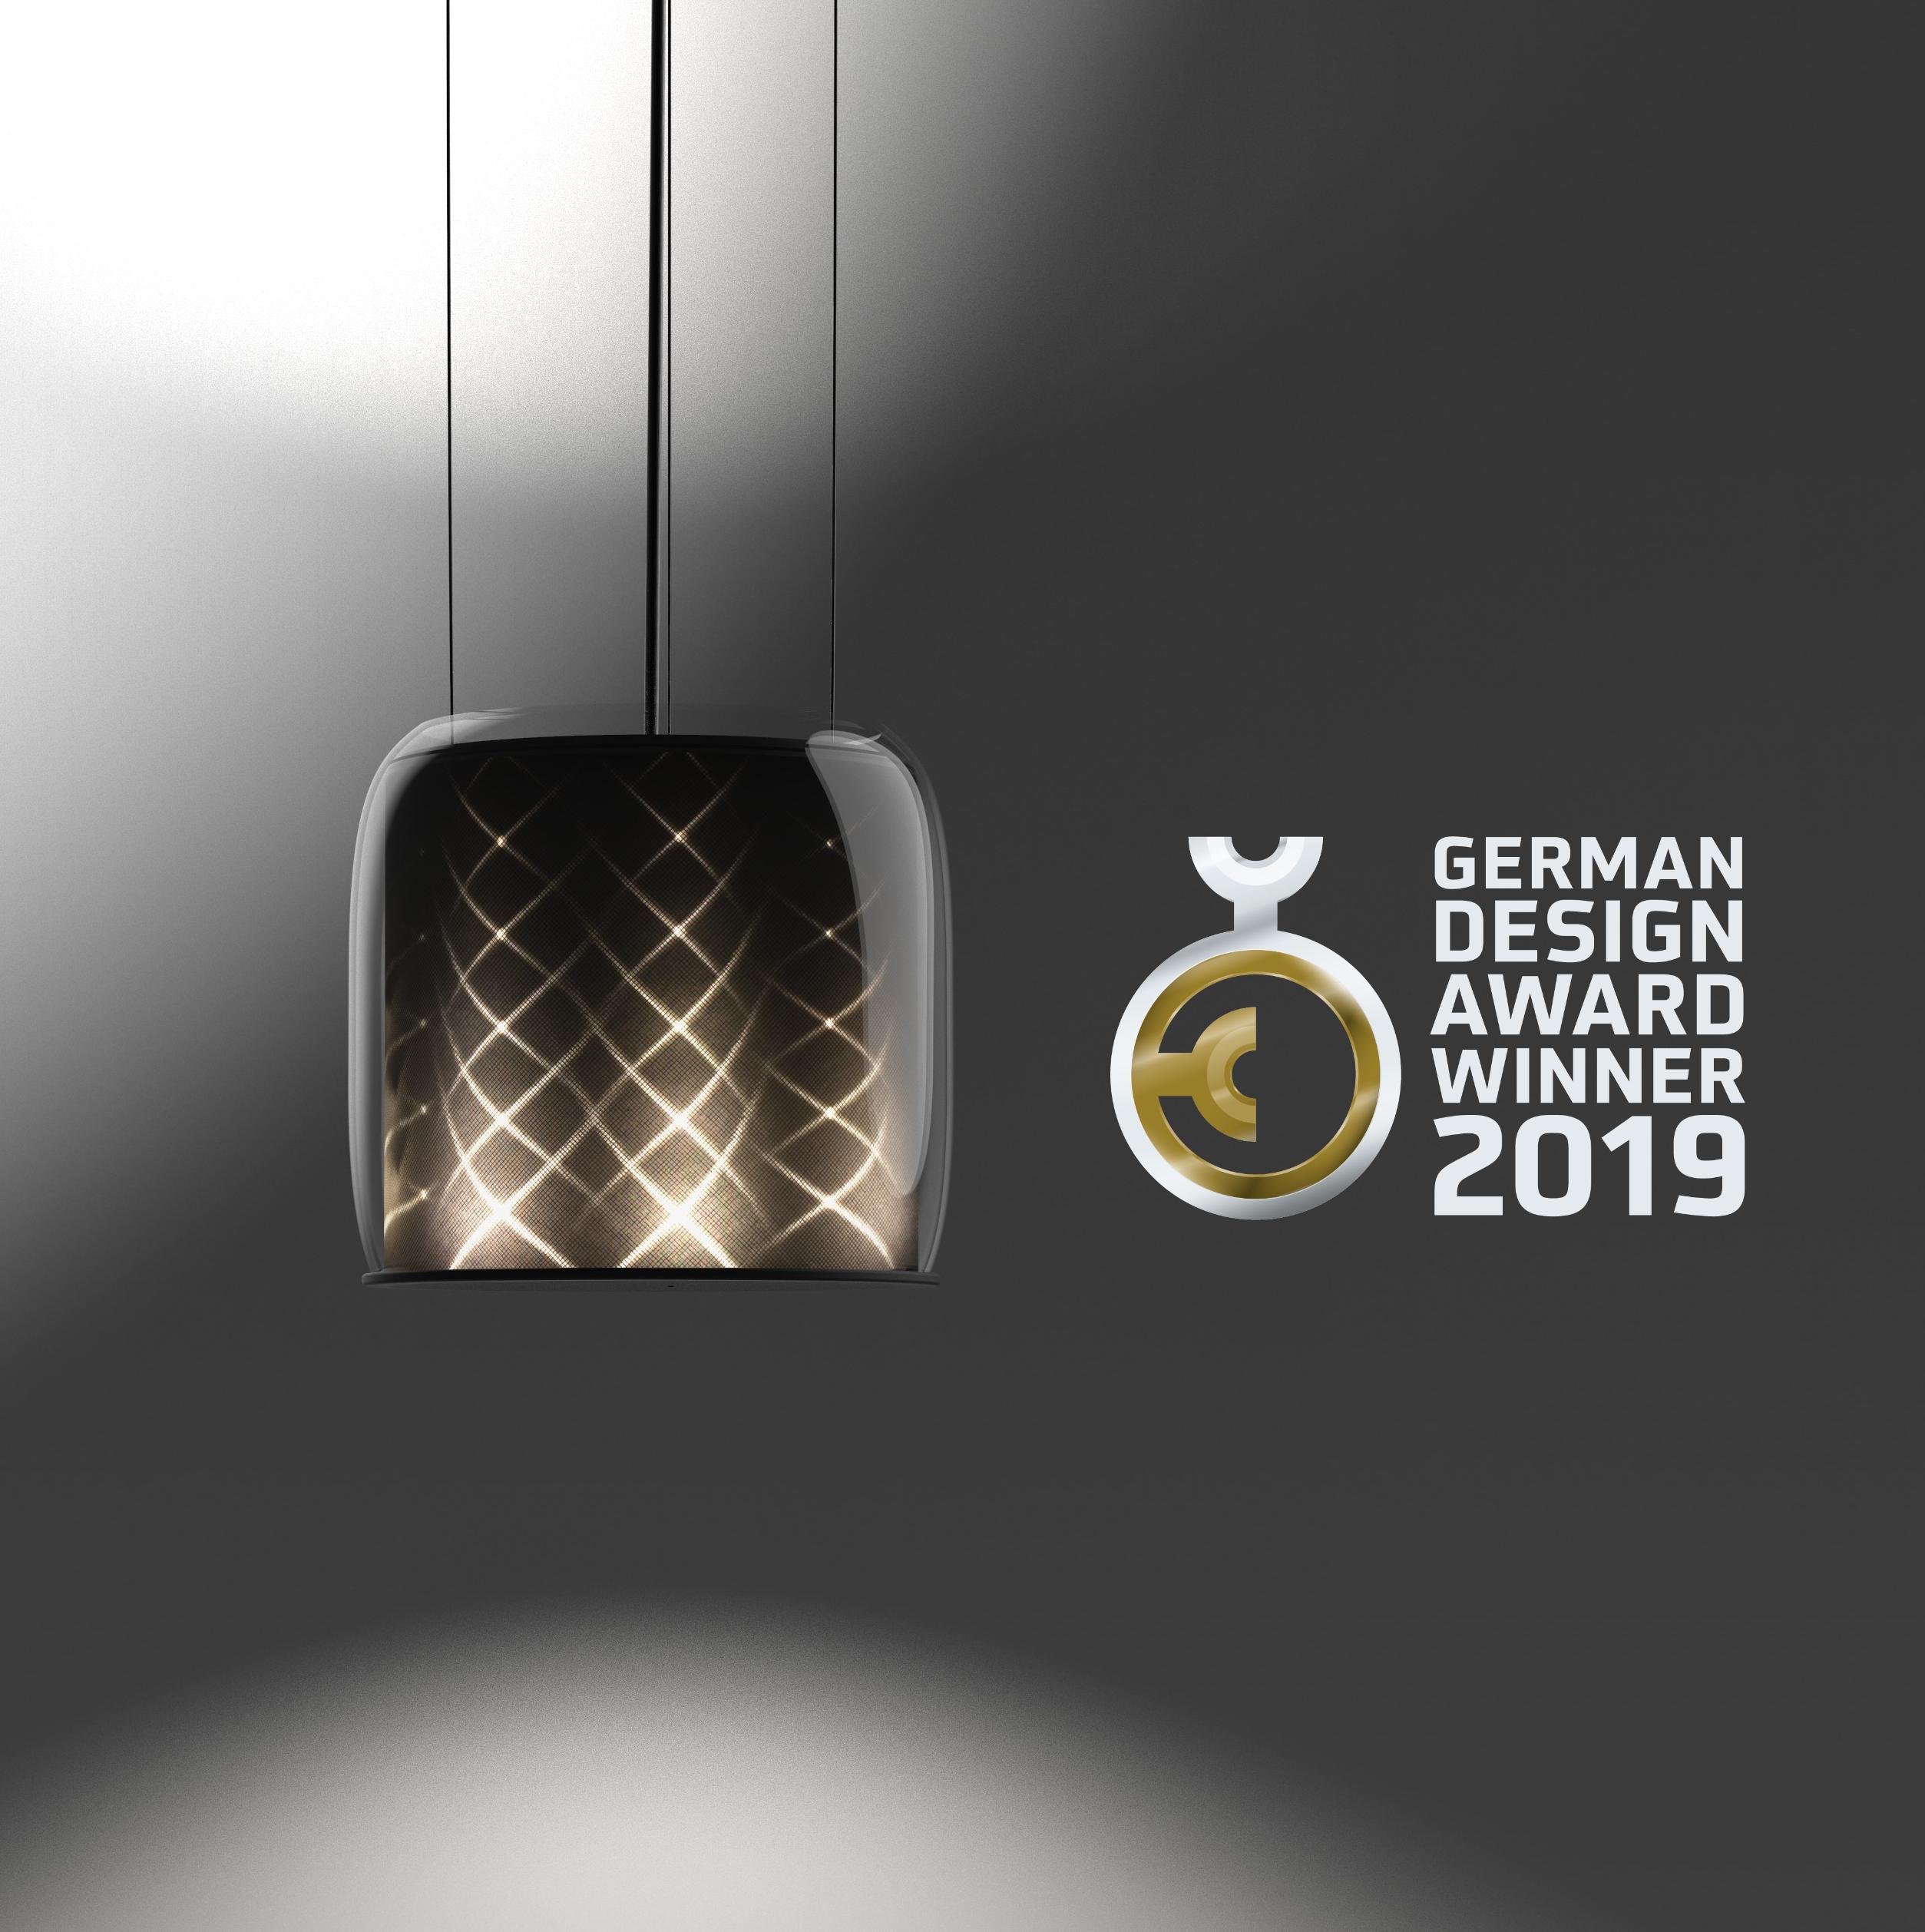 German Design Award Fur Leuchte Estelle Glaslampen Led Lampe Design Lampen